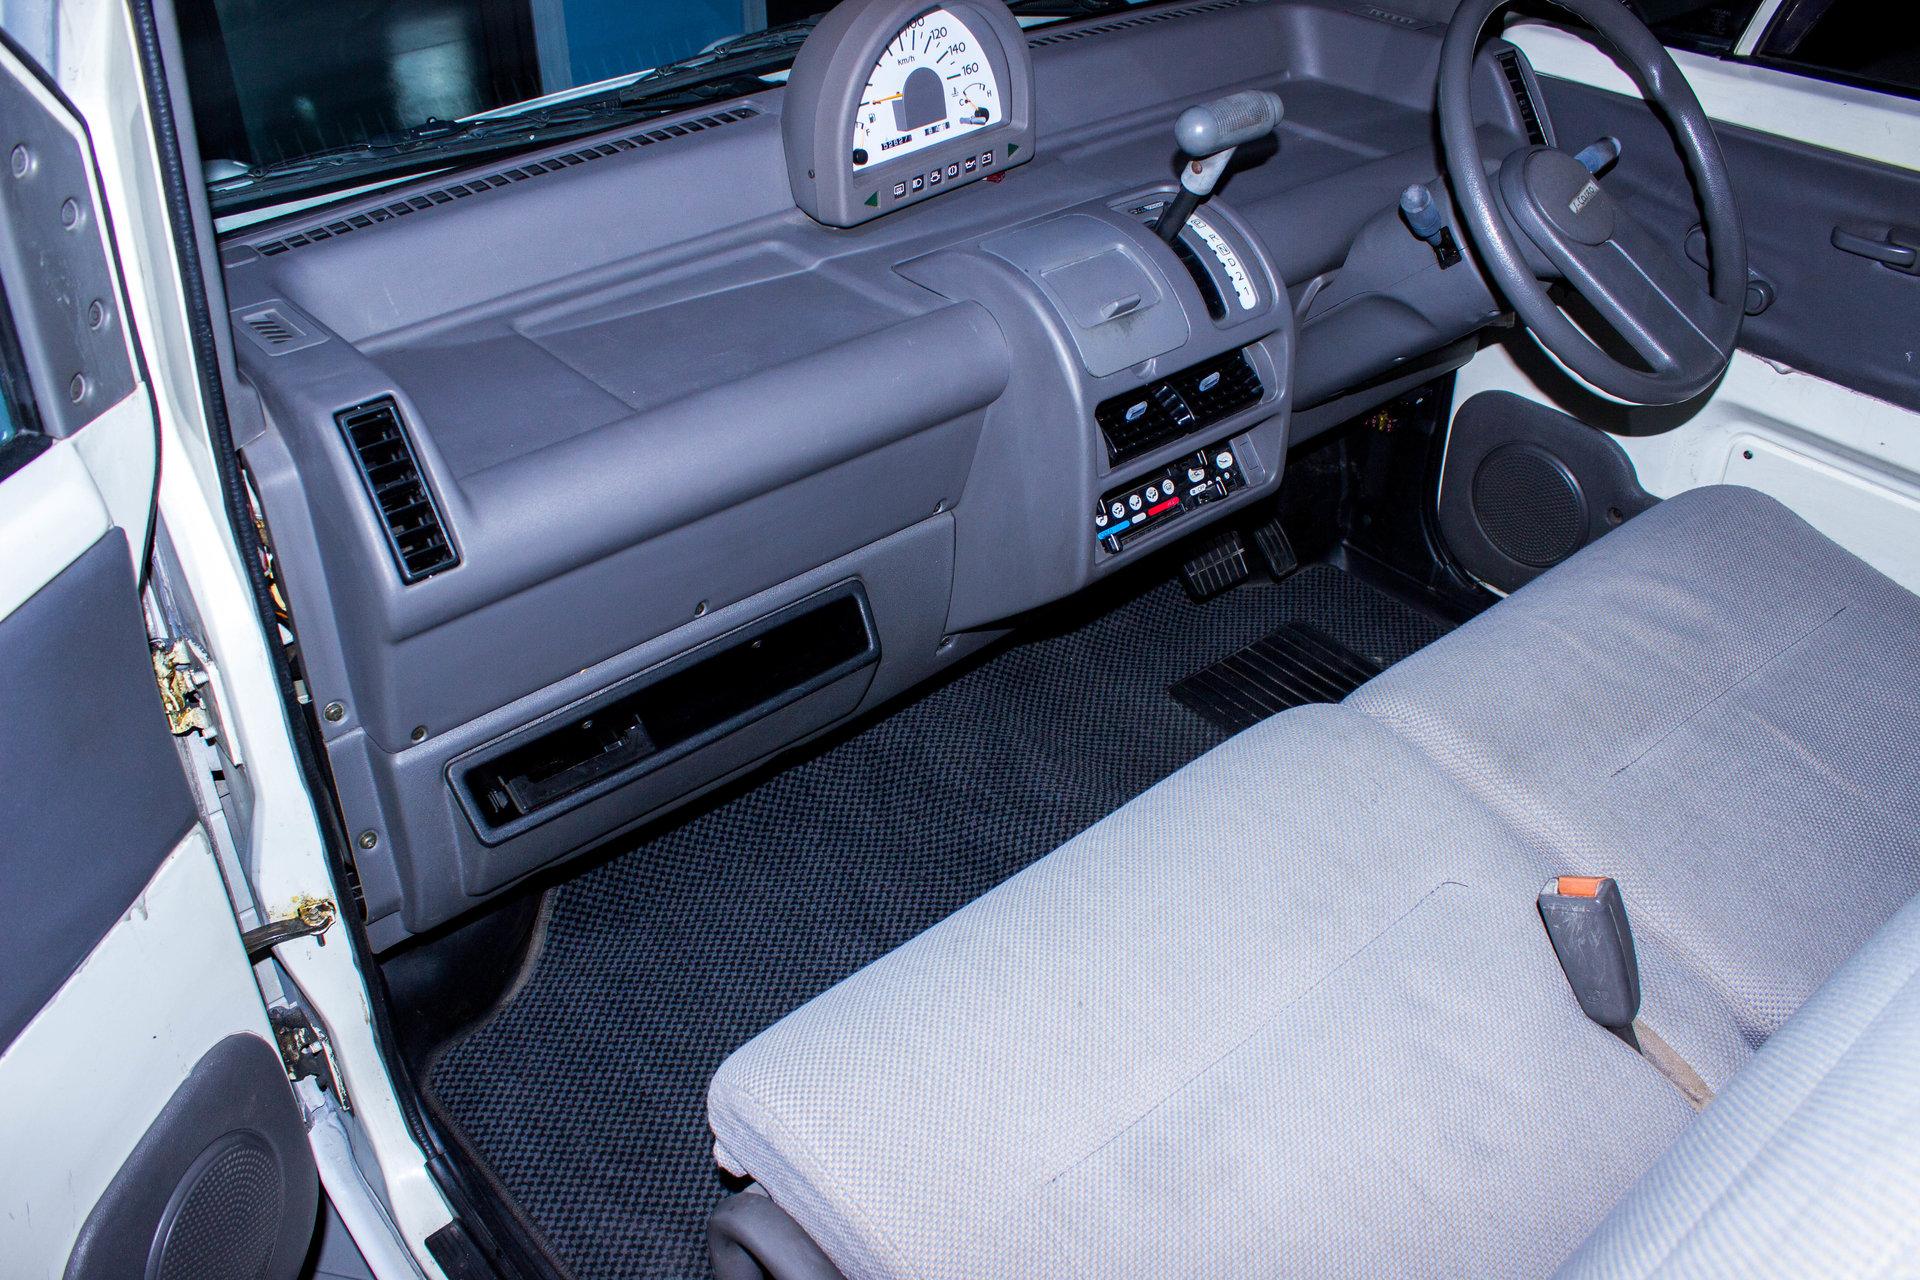 1989 nissan s cargo for sale 69866 mcg. Black Bedroom Furniture Sets. Home Design Ideas